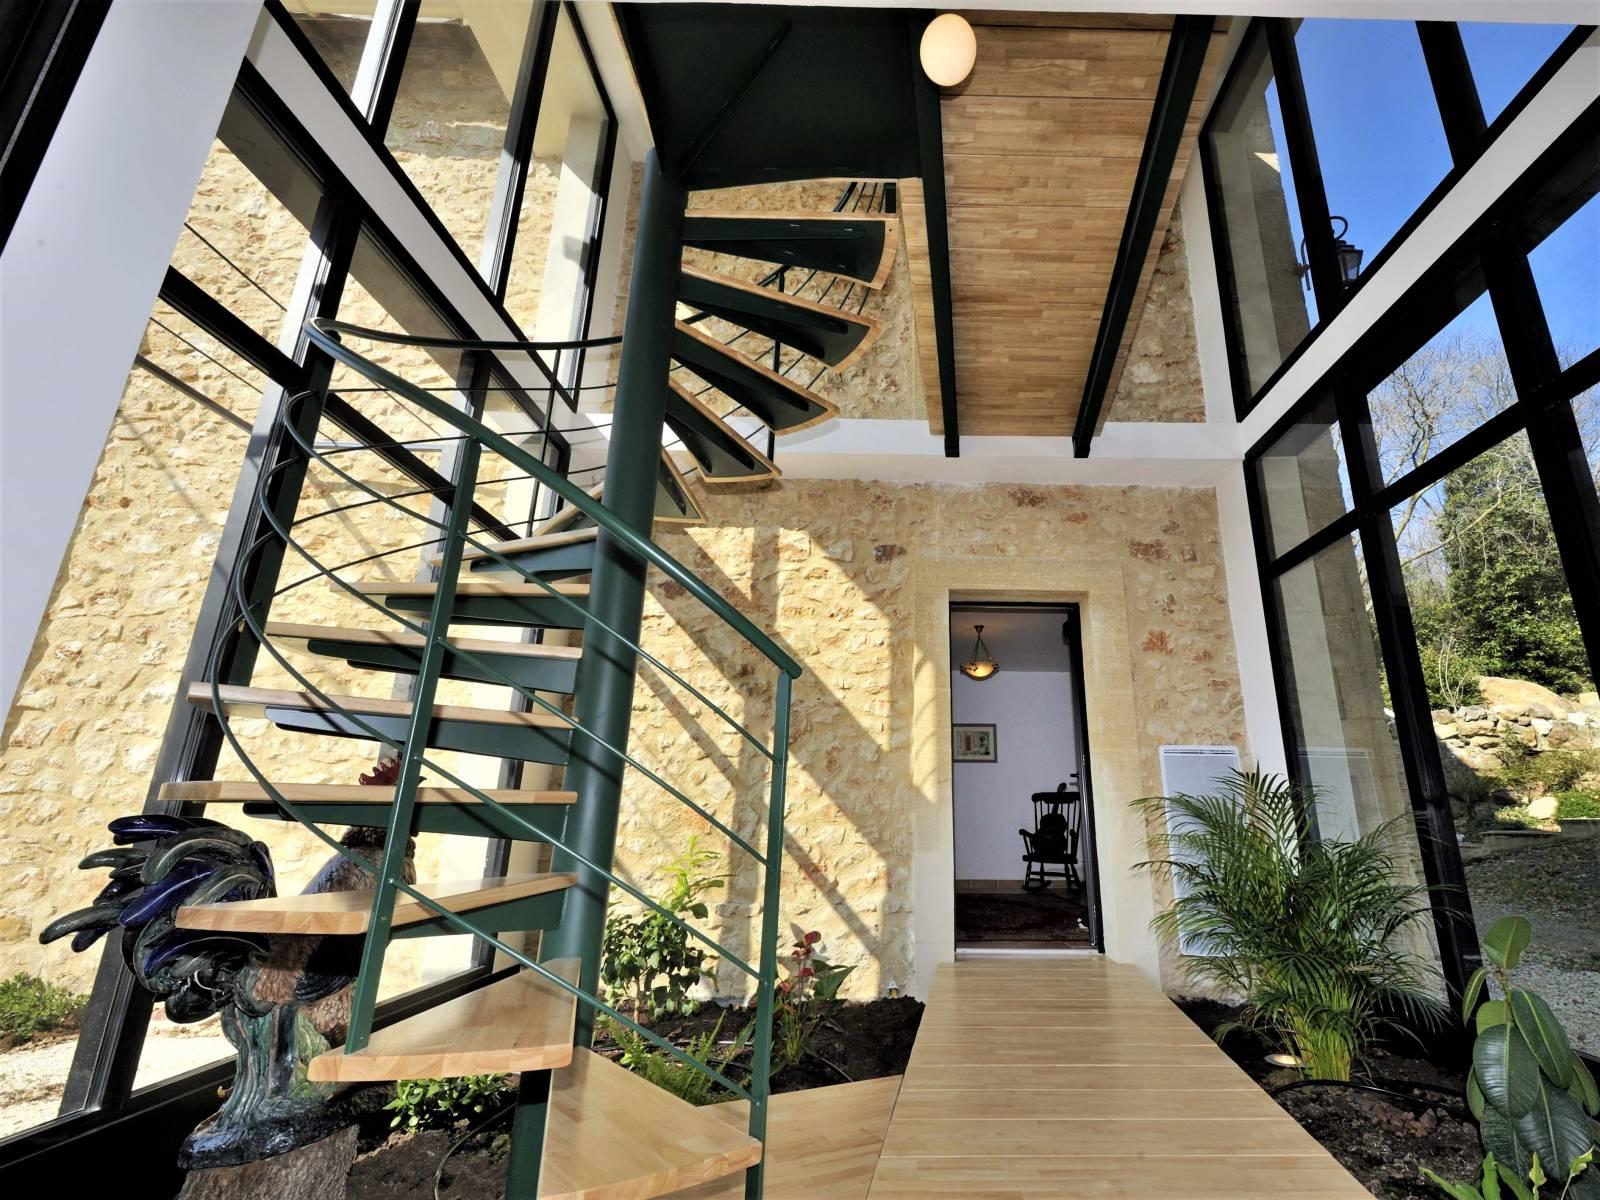 escalier h lico dal m tallique atelier des escaliers aubaret. Black Bedroom Furniture Sets. Home Design Ideas